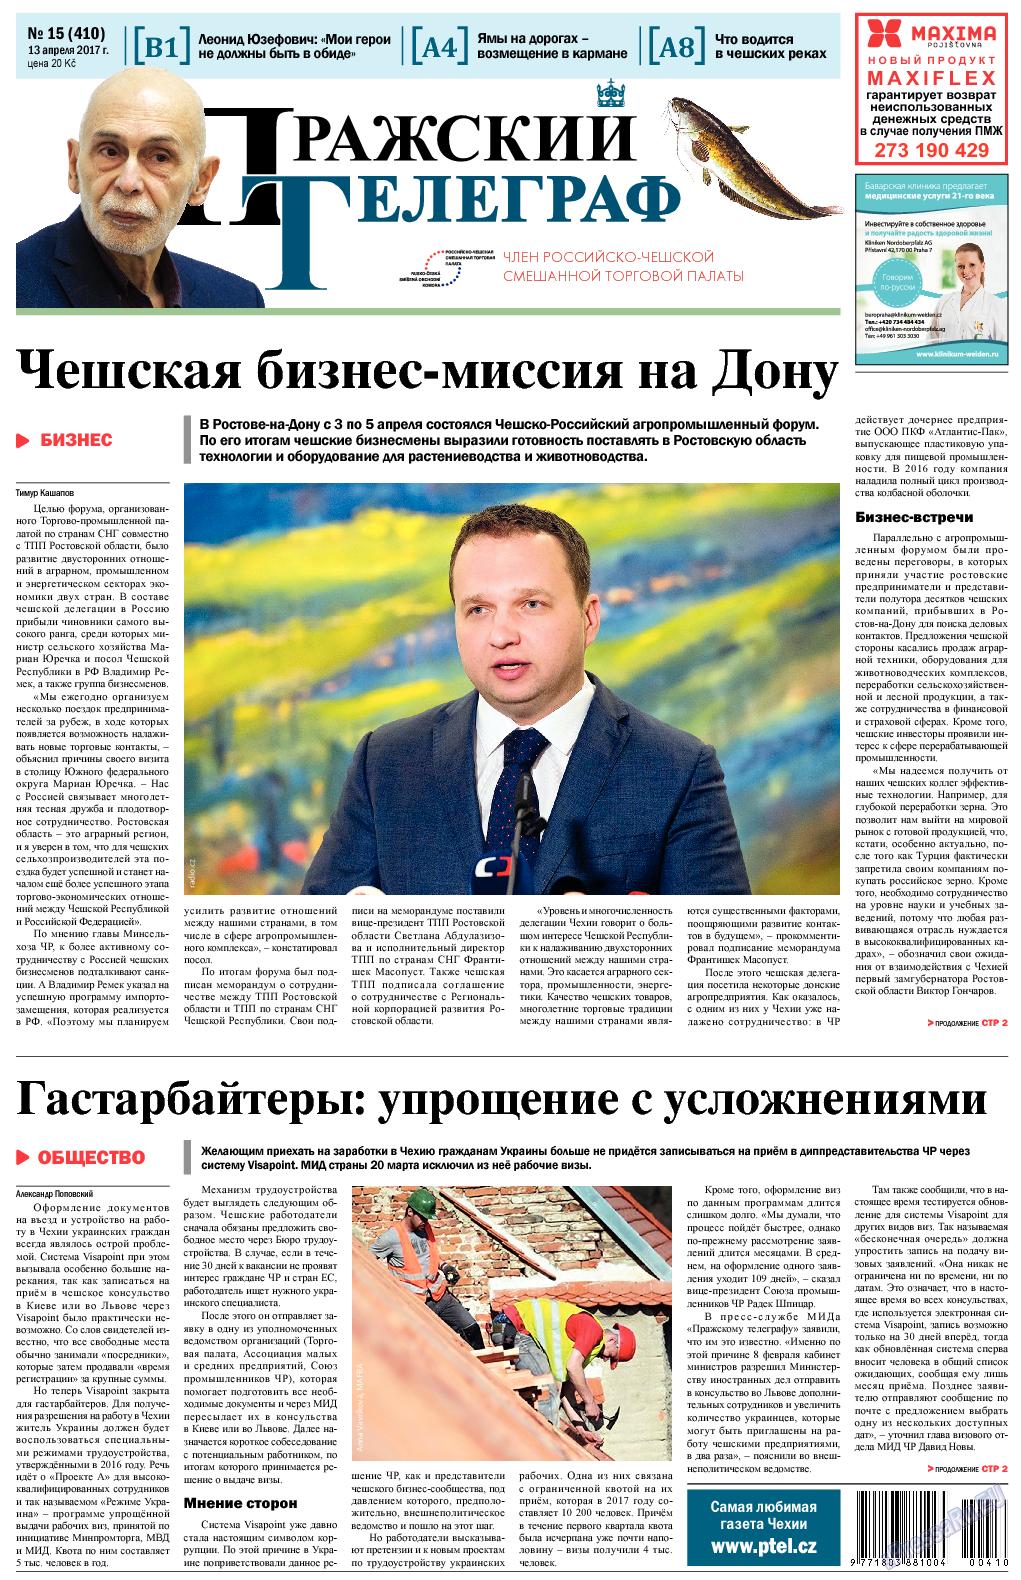 Пражский телеграф (газета). 2017 год, номер 15, стр. 1